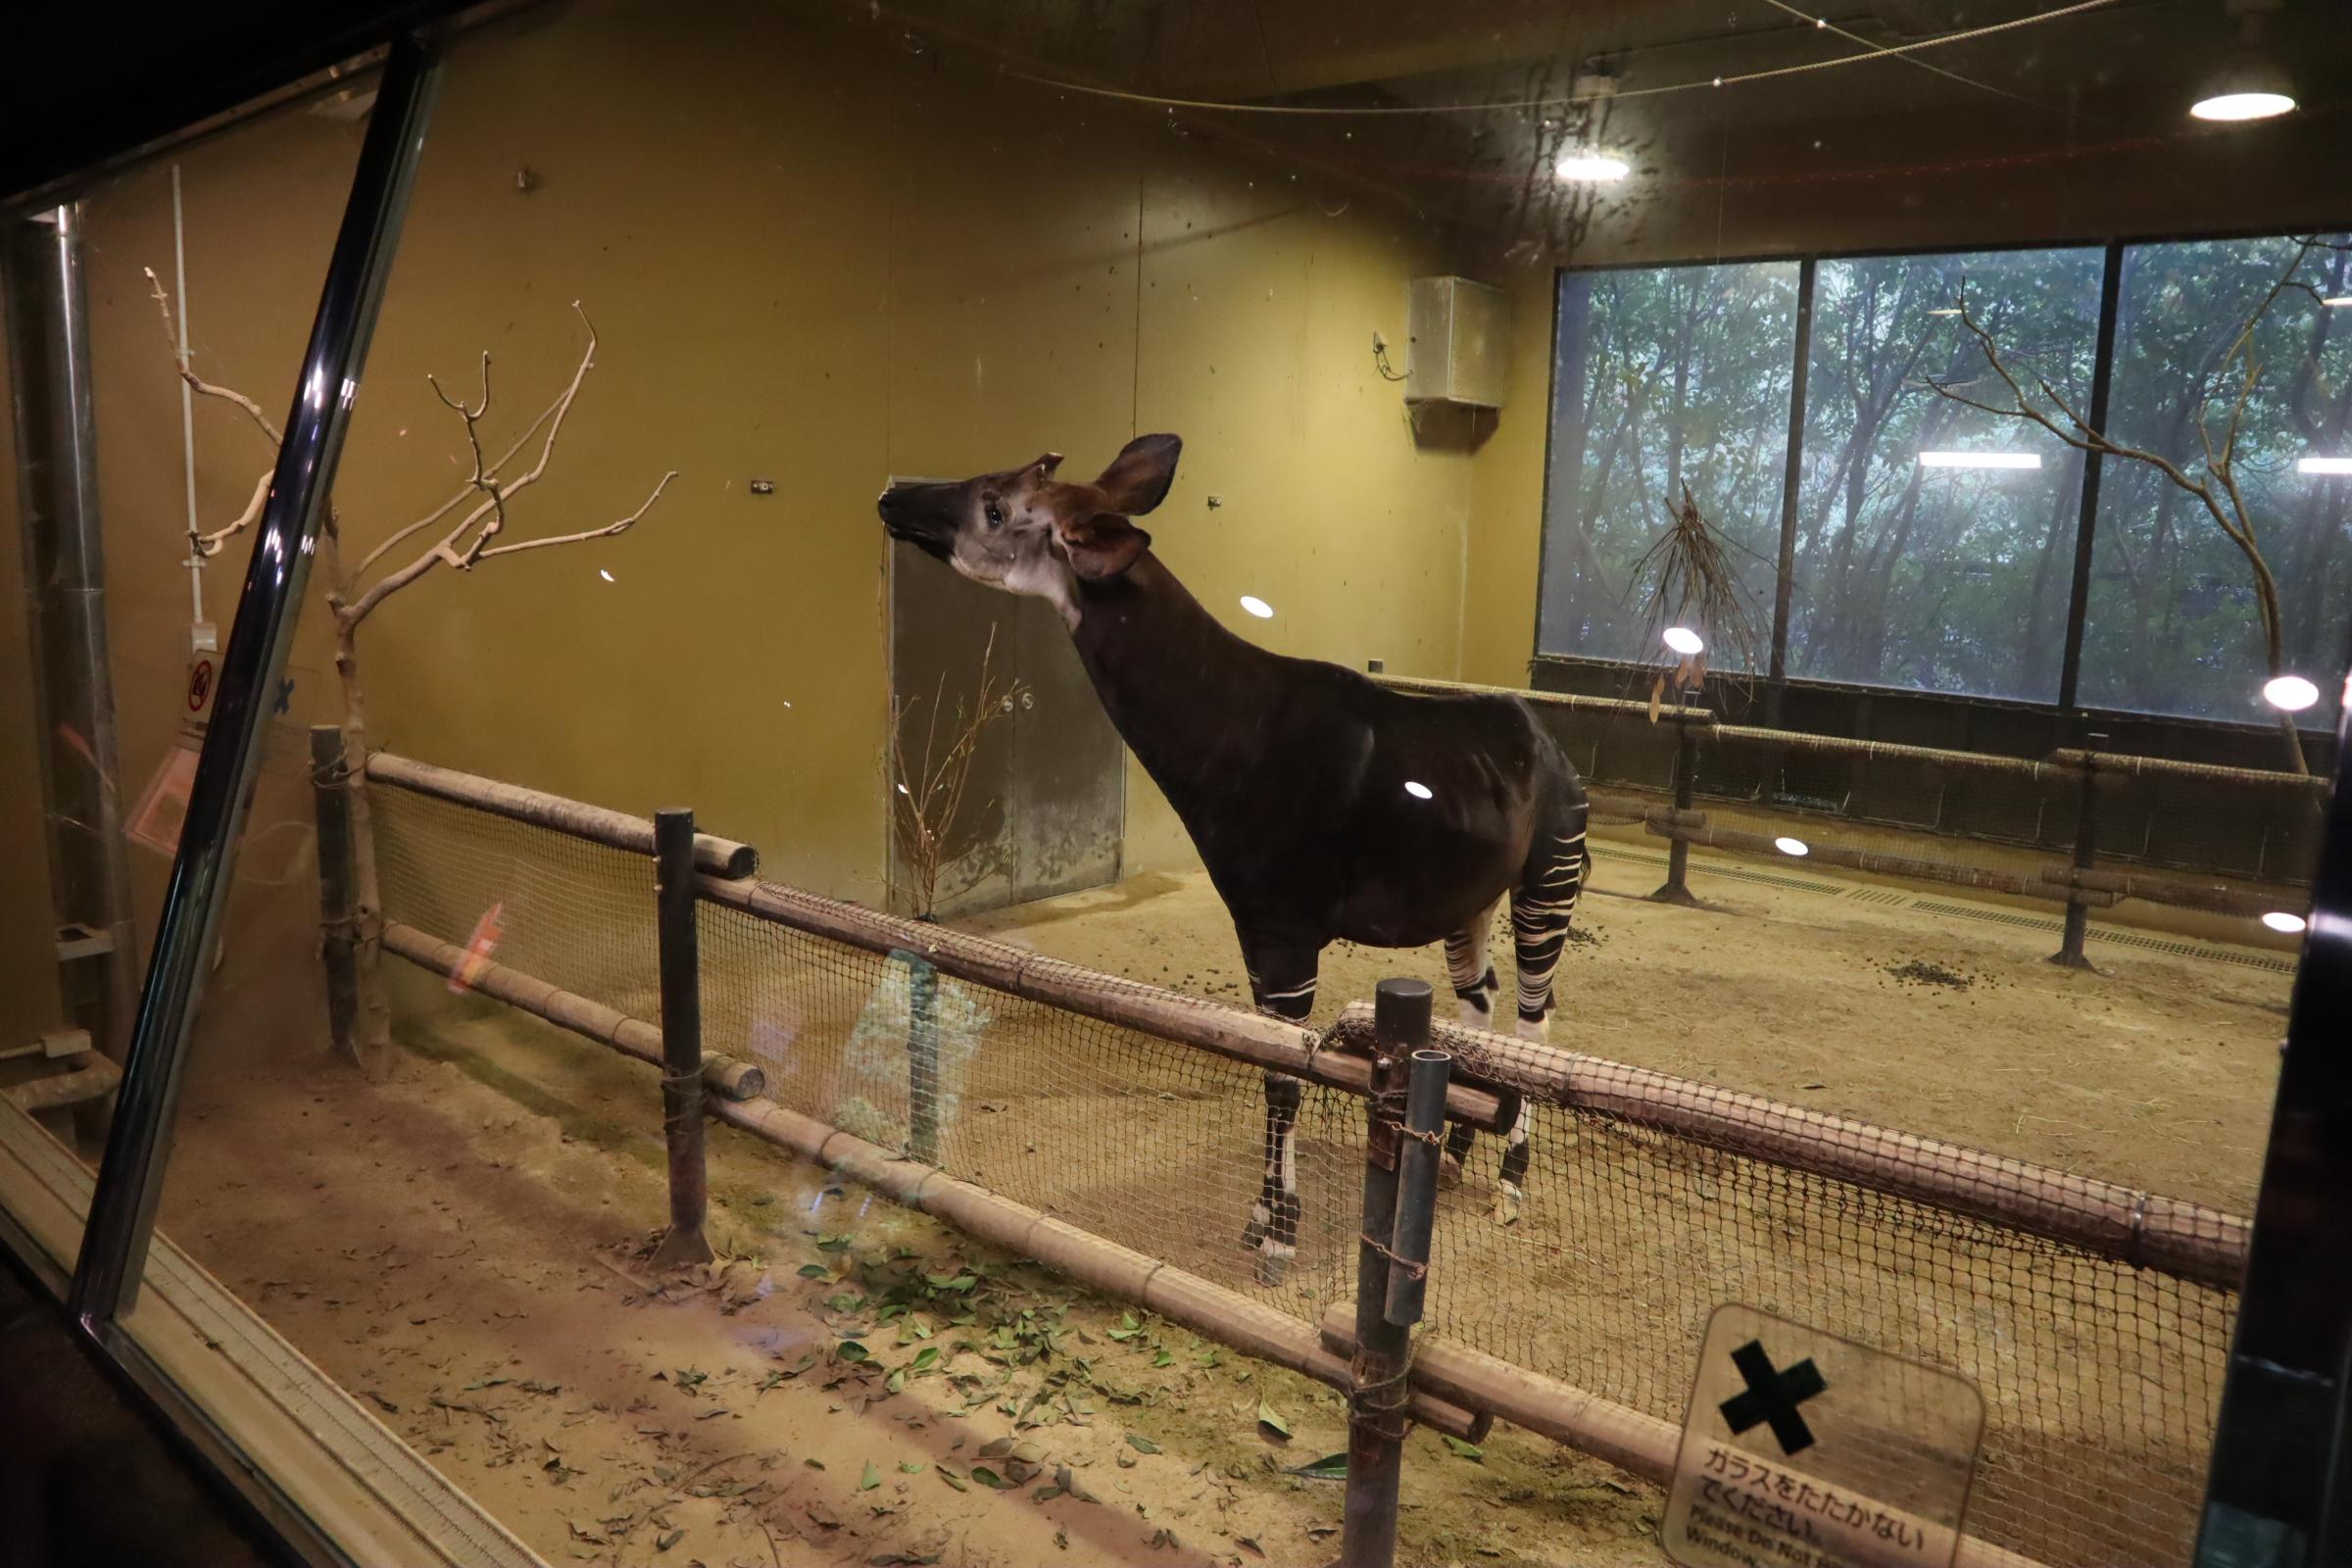 世界三大珍獣「オカピ」って何者?ズーラシアが日本初◯◯!動物園にいる?